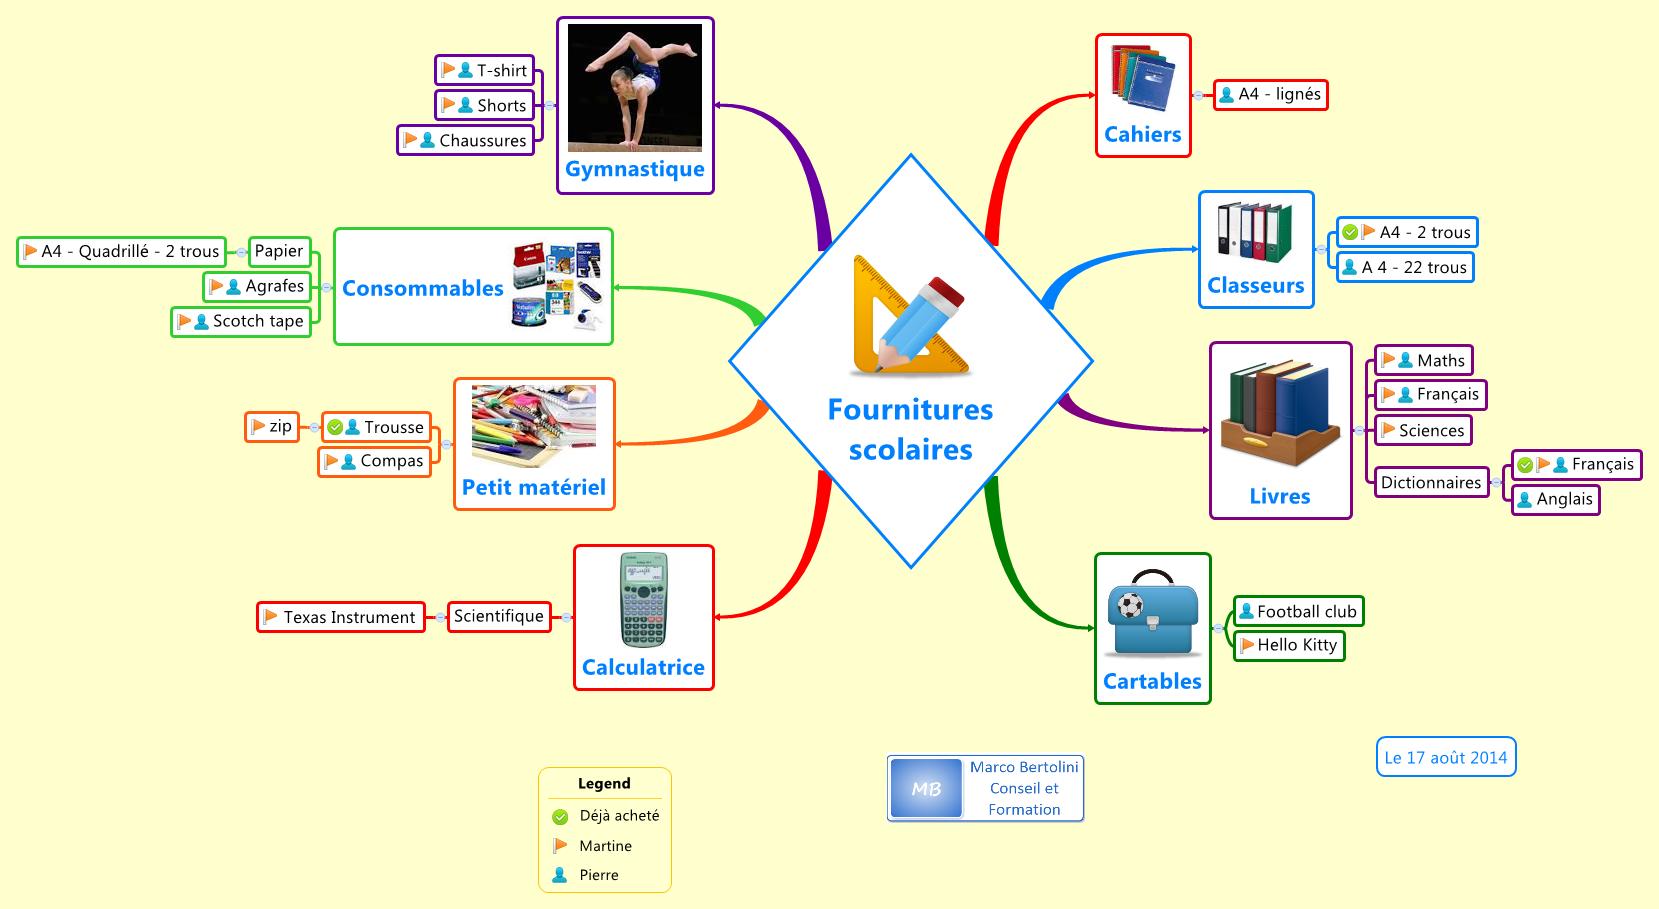 Créez une liste de fournitures scolaires avec une mindmap XMind !